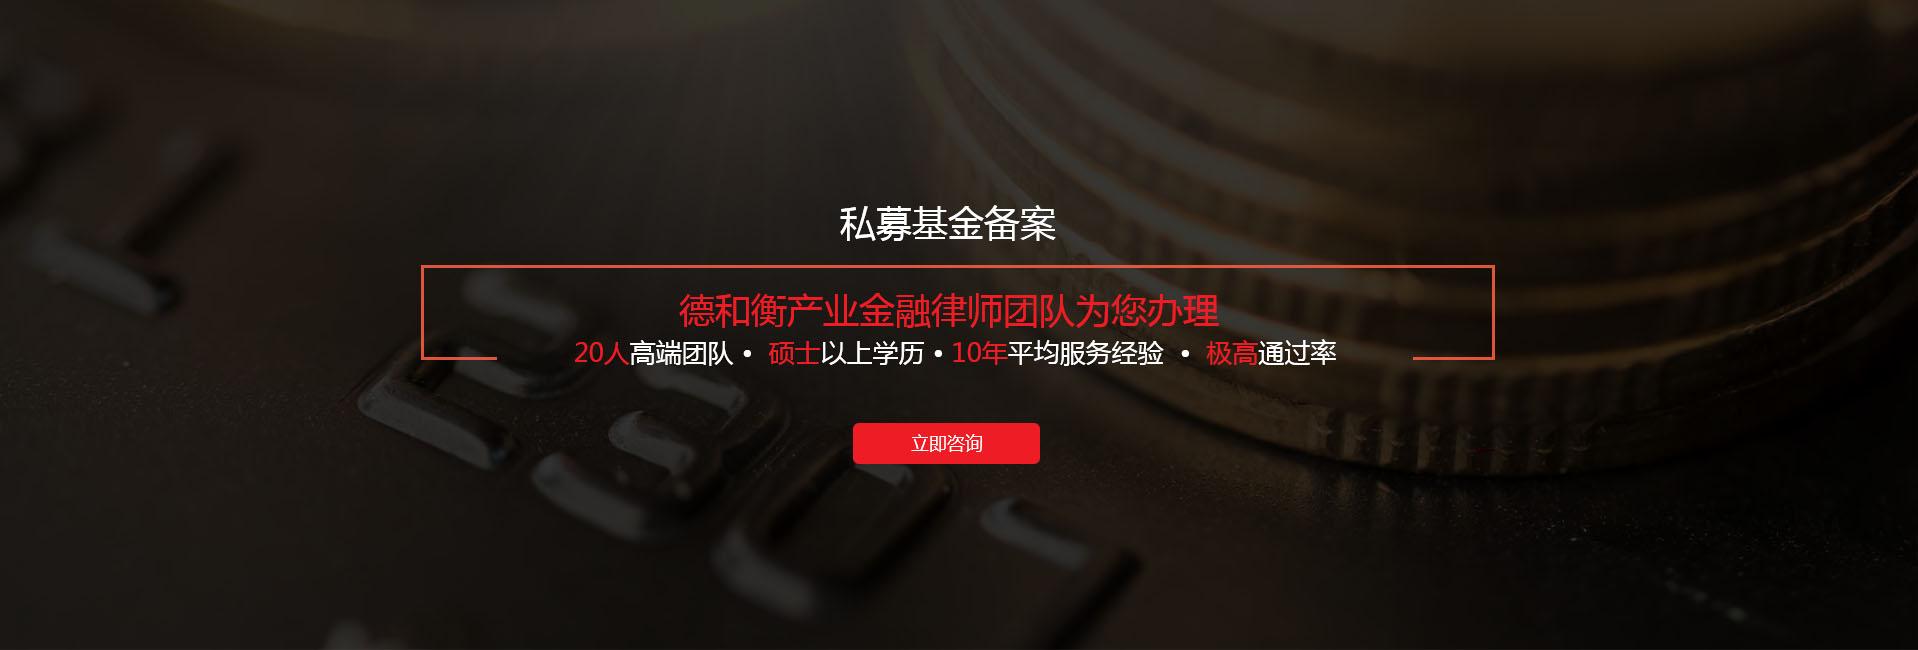 上海私募基金备案律师